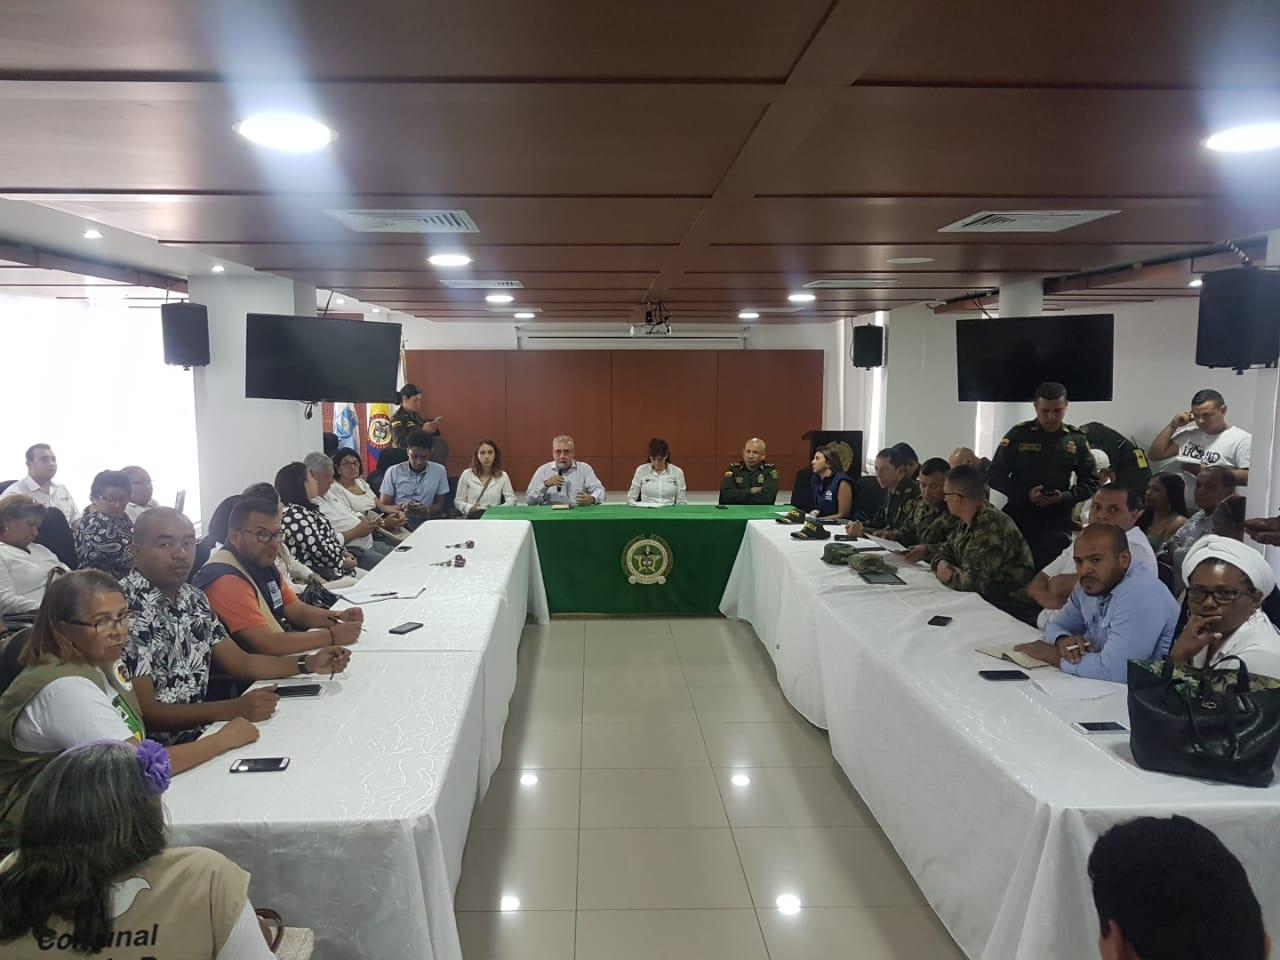 Reunión celebrada en el Comando de la Policía Metropolitana de Santa Marta